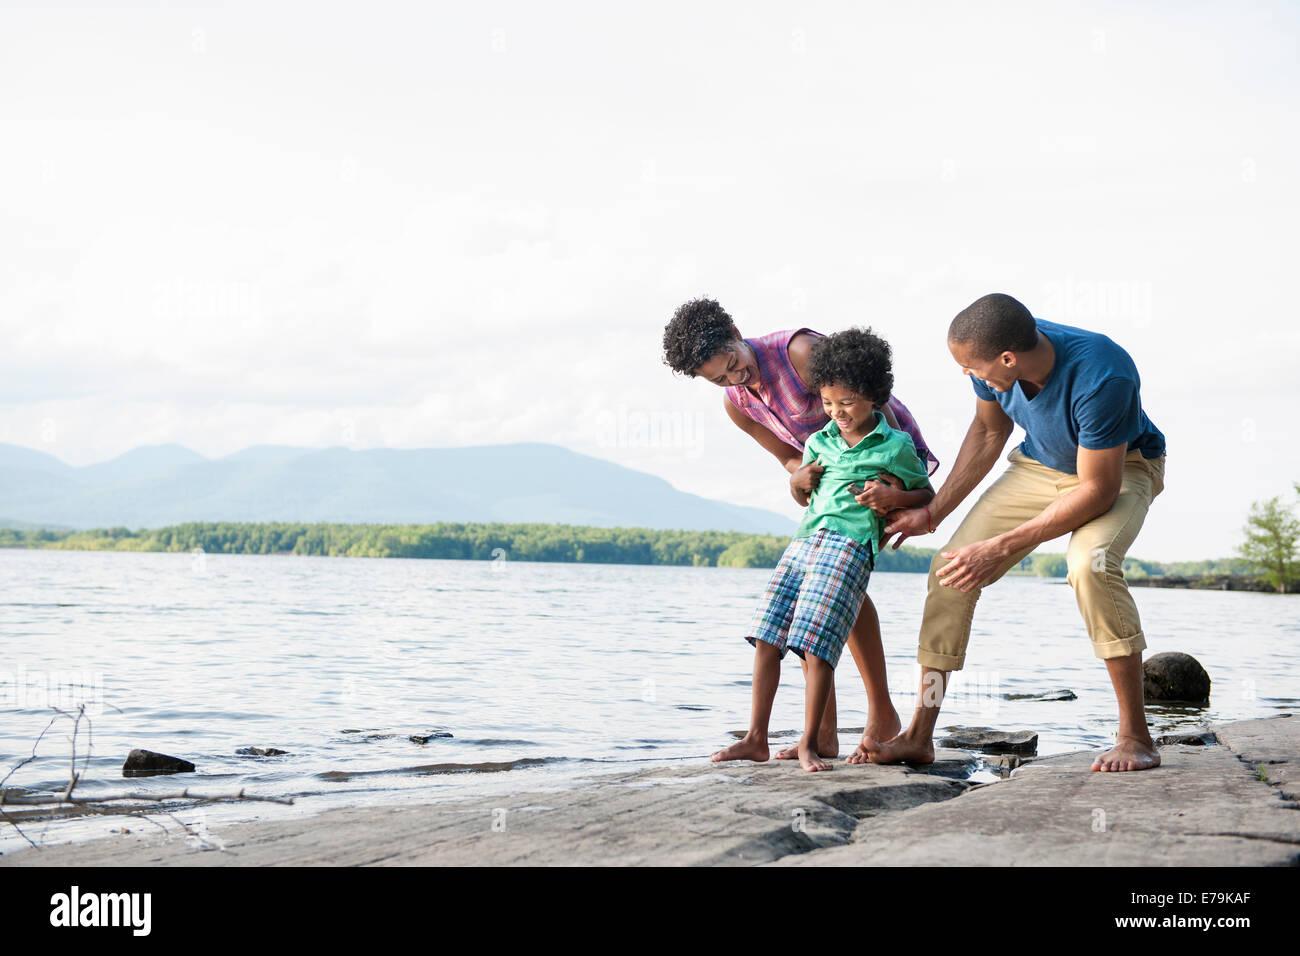 Una famiglia, la madre e il padre e il figlio giocando sulle sponde di un lago. Immagini Stock